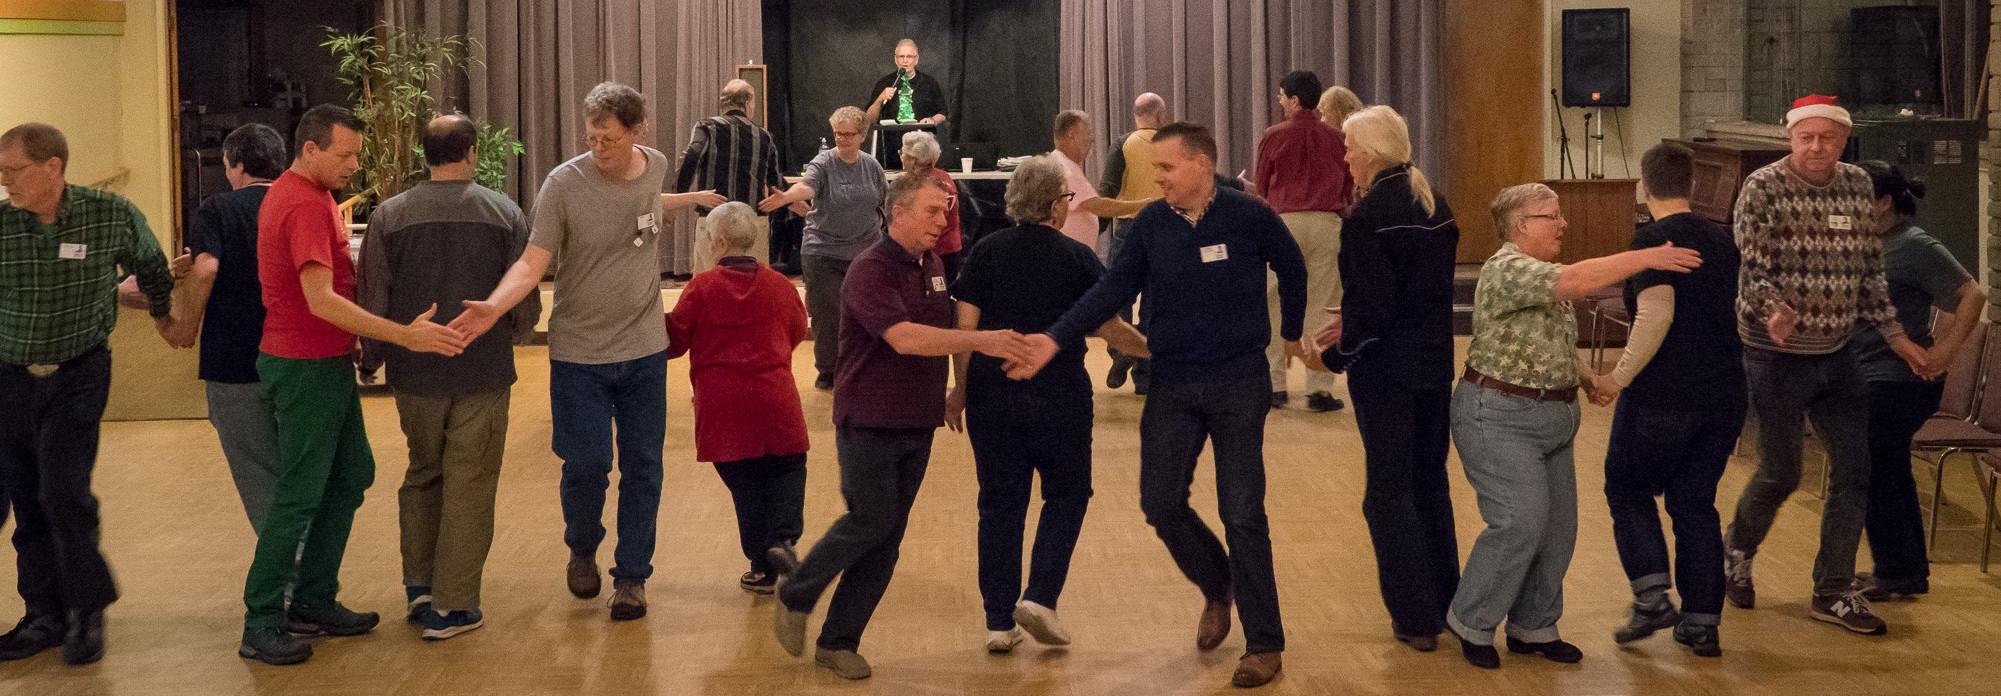 dance-wide